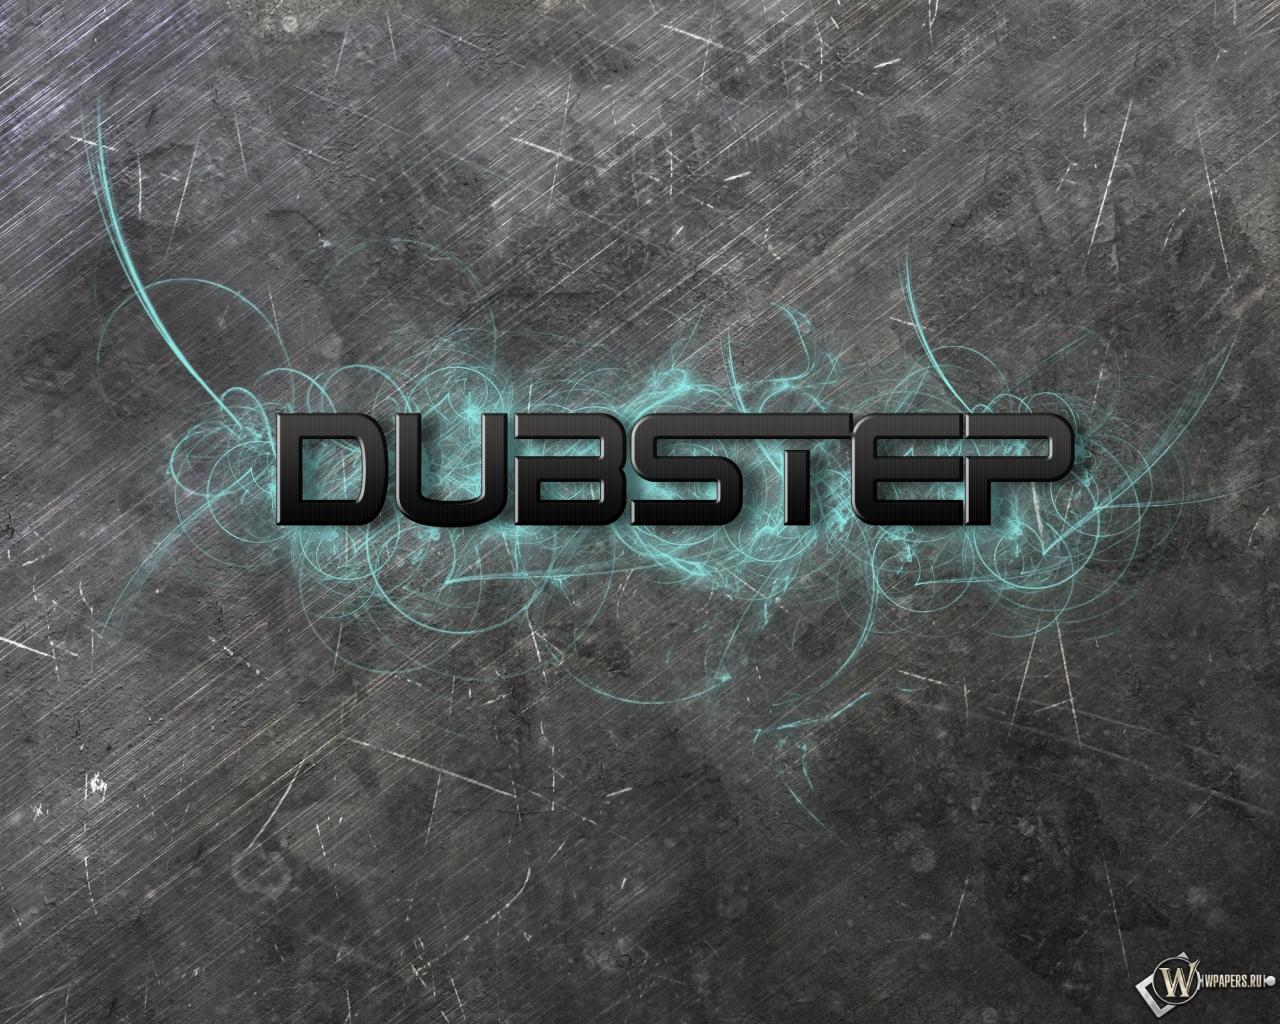 Dubstep 1280x1024